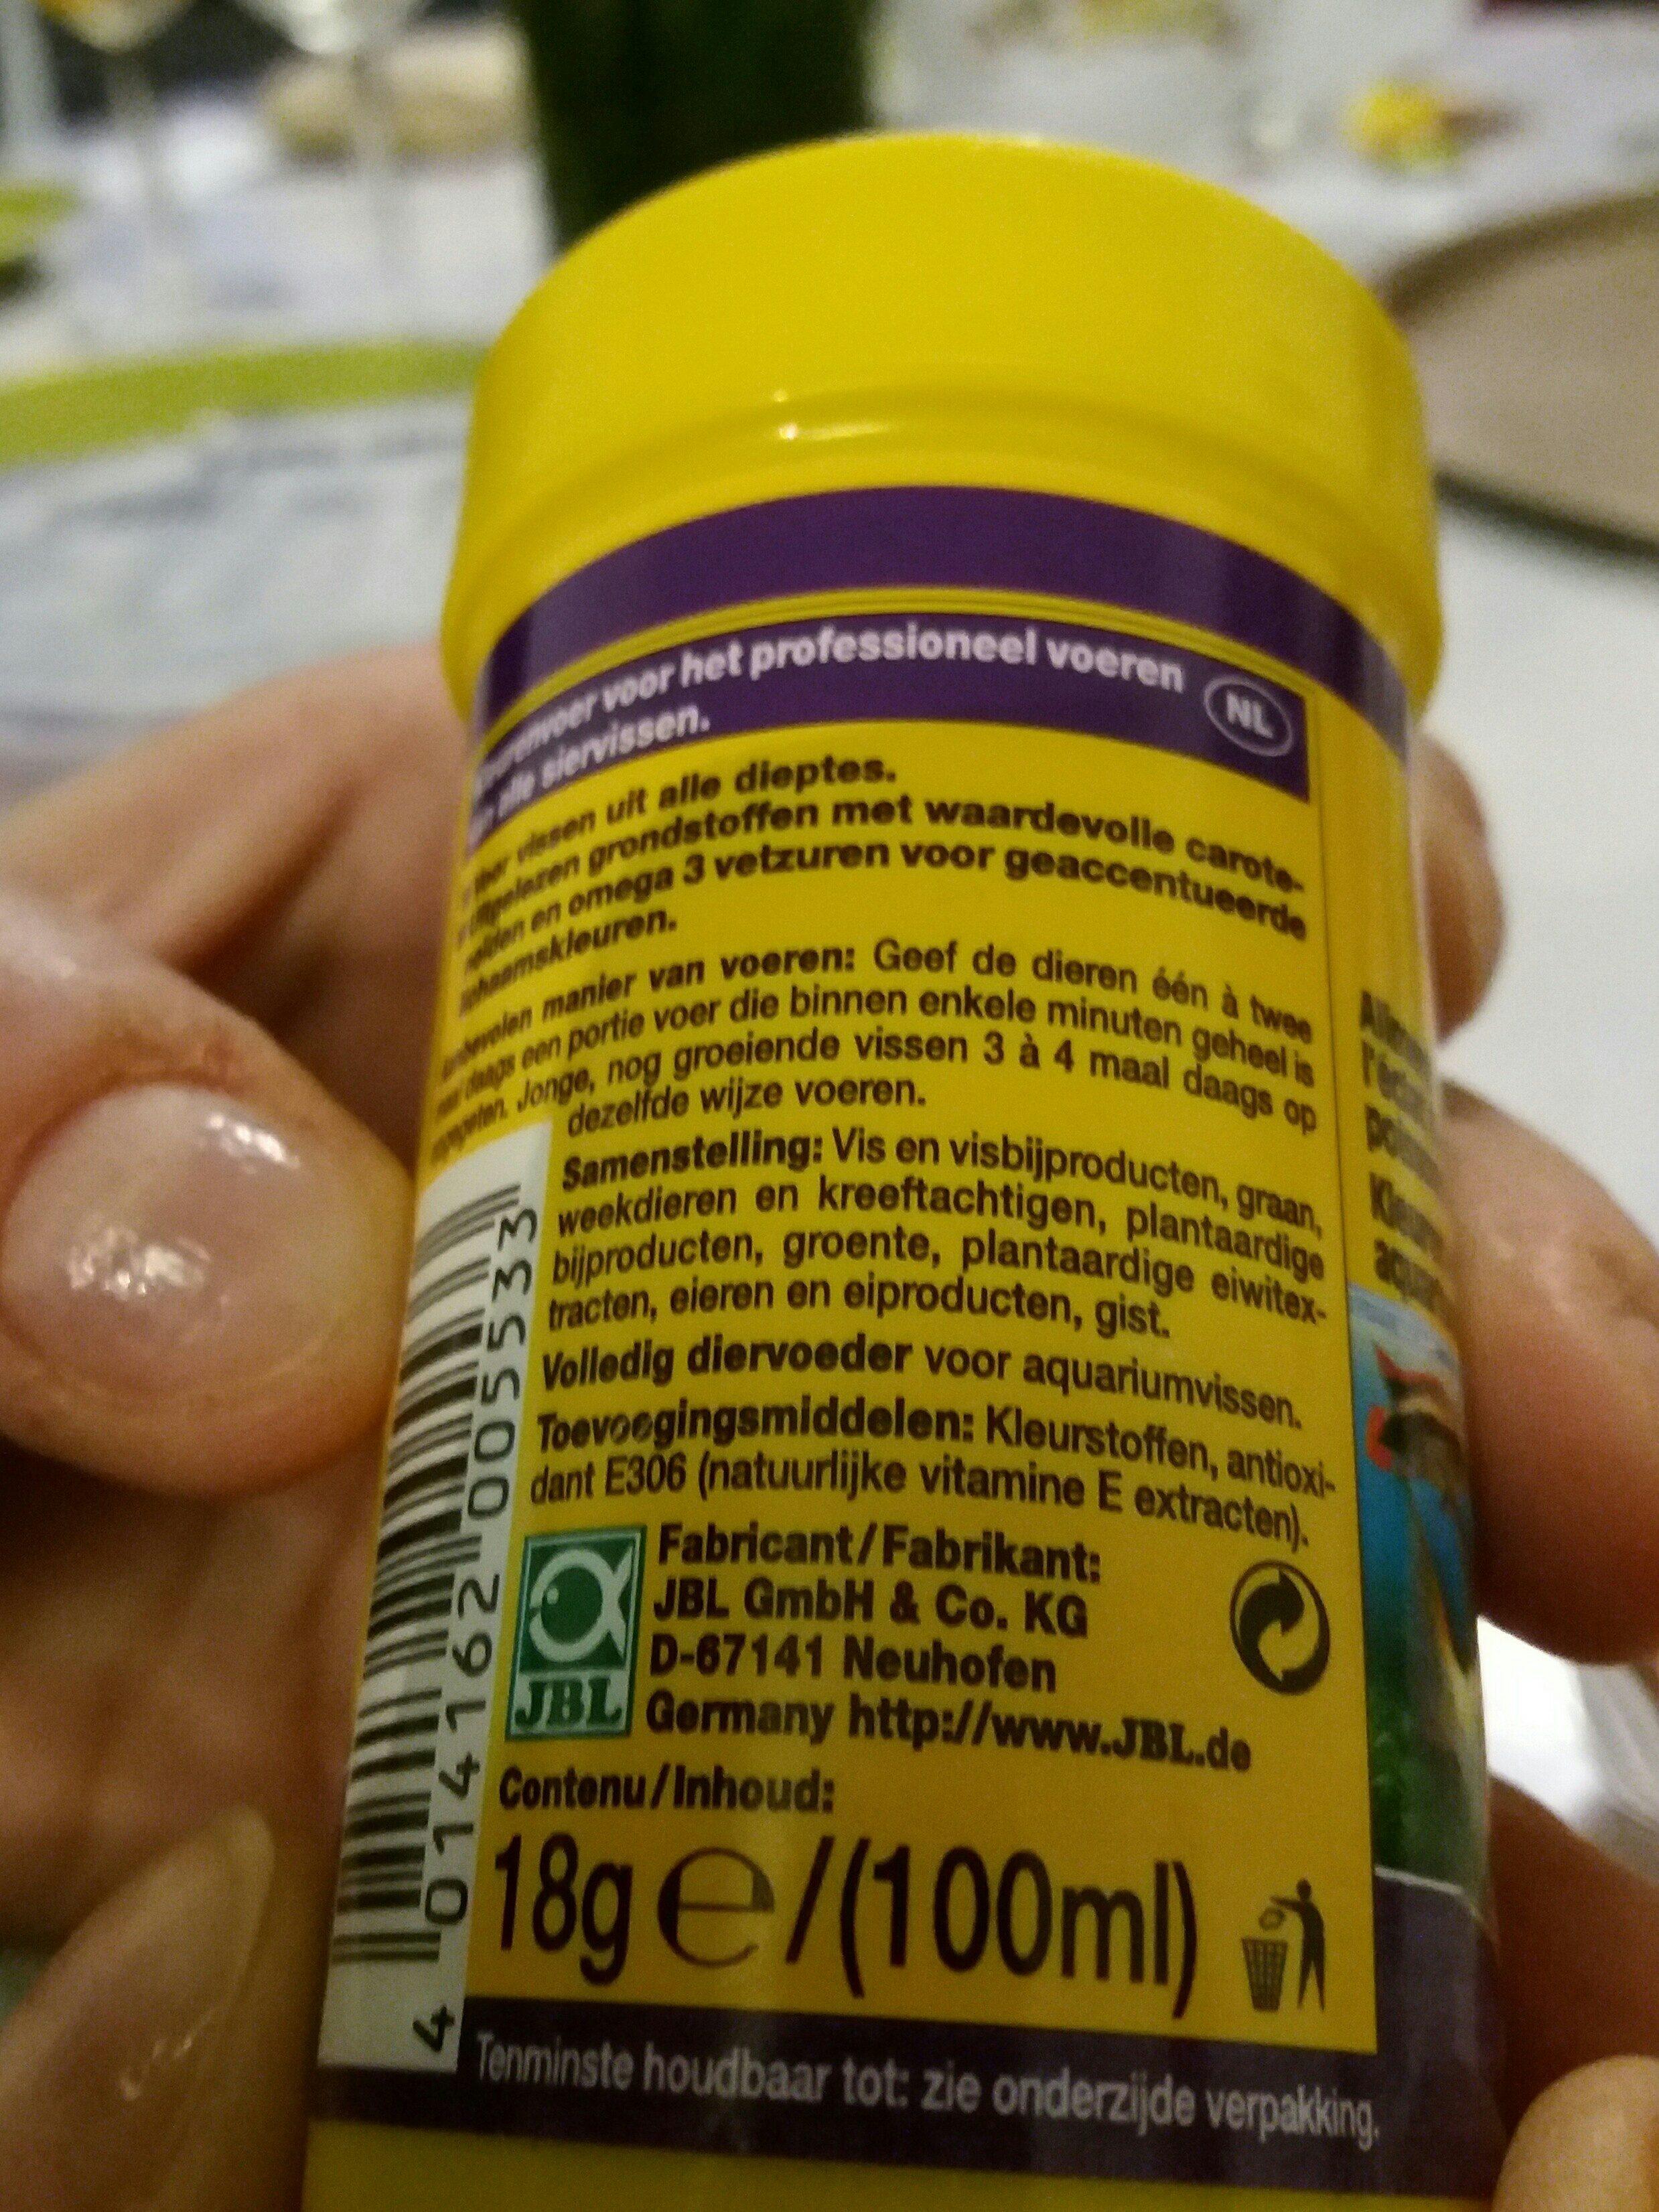 JBL Novocolor 100 ML Nourriture Poissons Colorés - Ingredients - fr